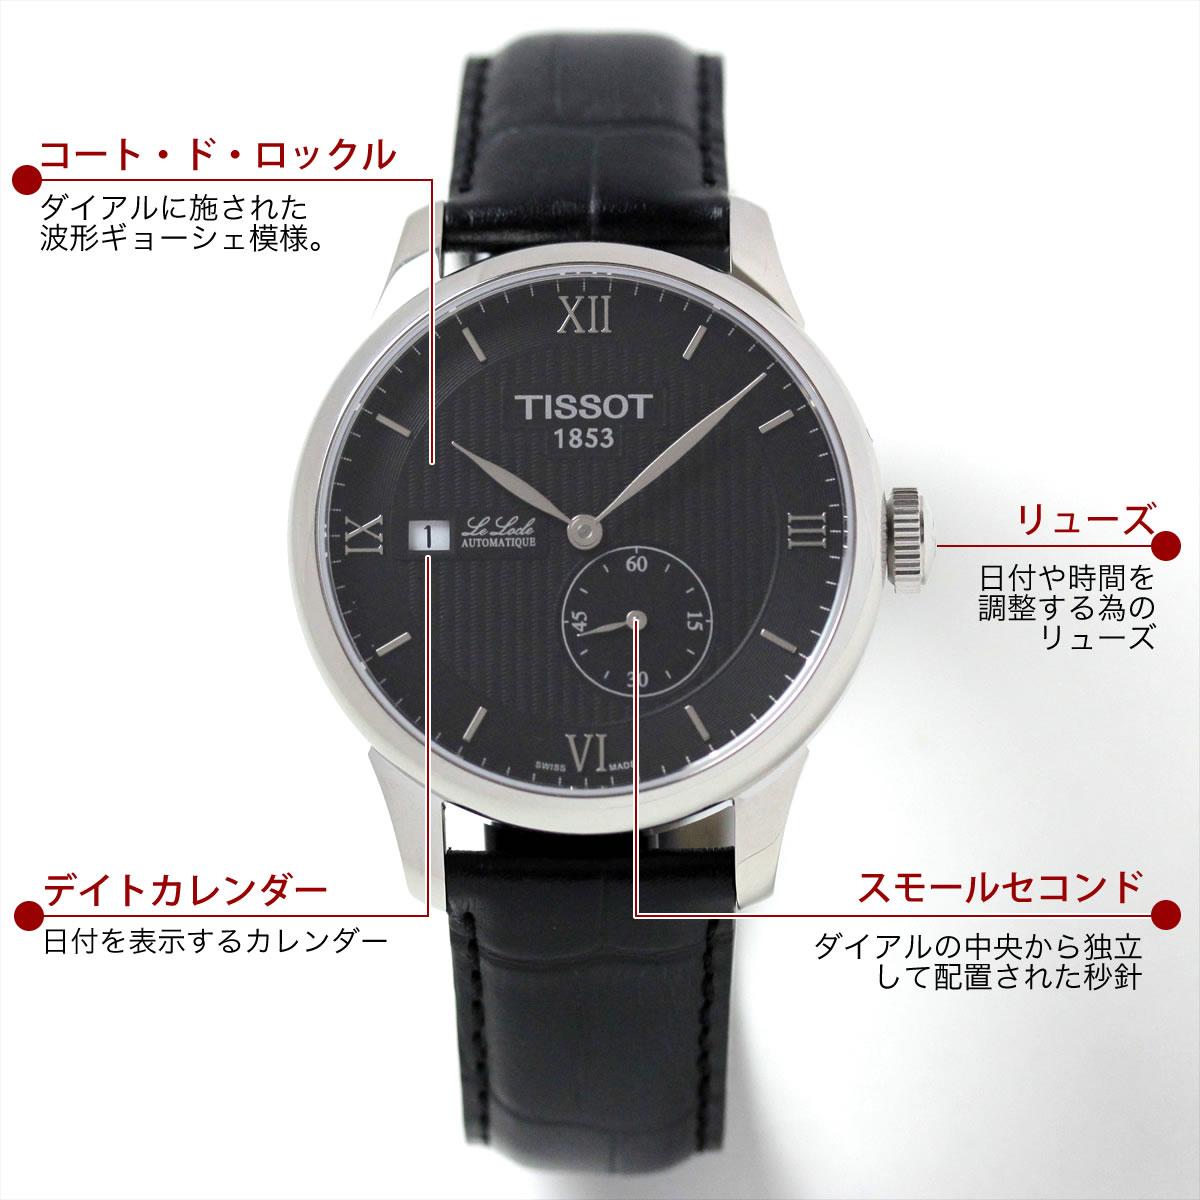 Tissot(ティソ)LE LOCLE AUTOMATIC (ル・ロックル オートマティック )T006.428.16.058.00機能説明